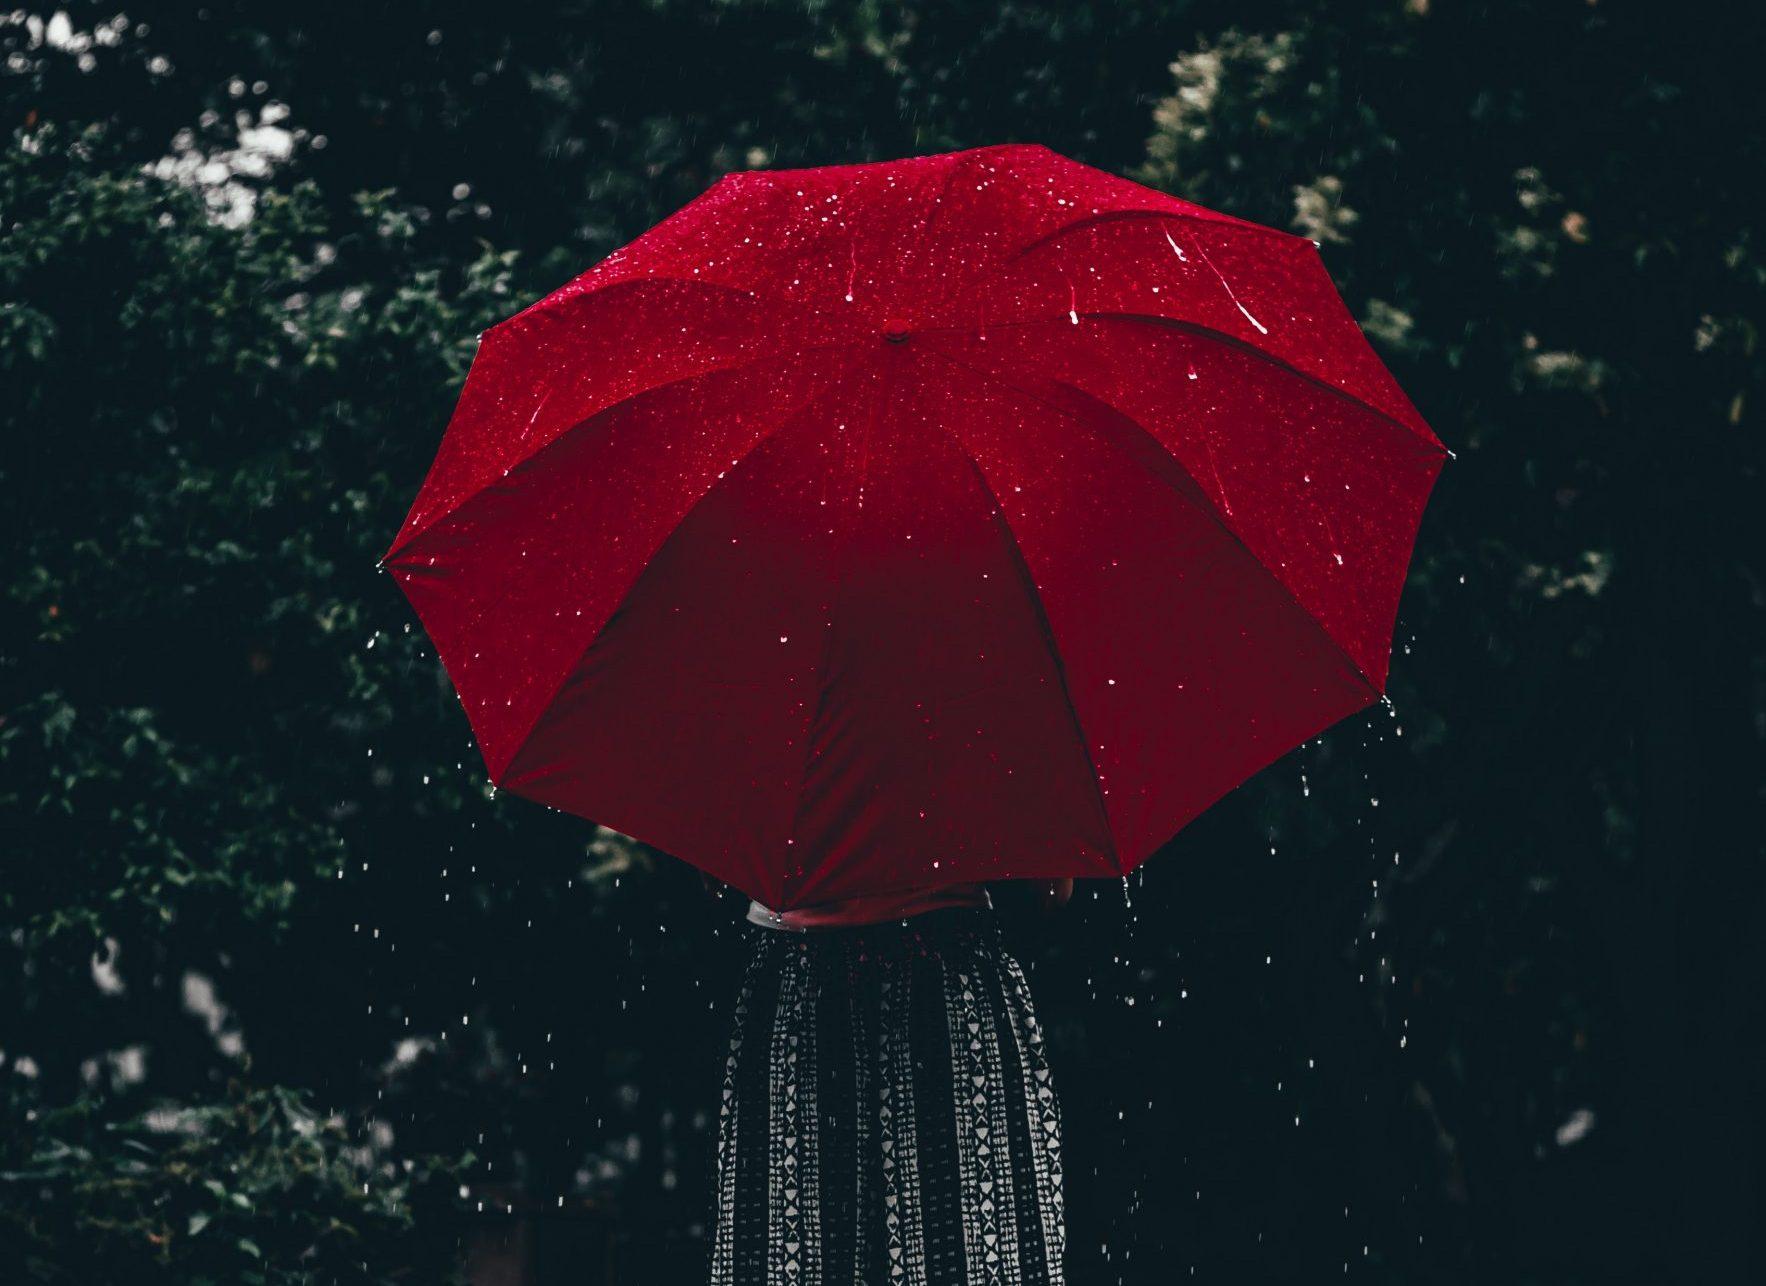 ANM a emis un cod galben de ploi pentru Capitală. Până la ce ora este valabil